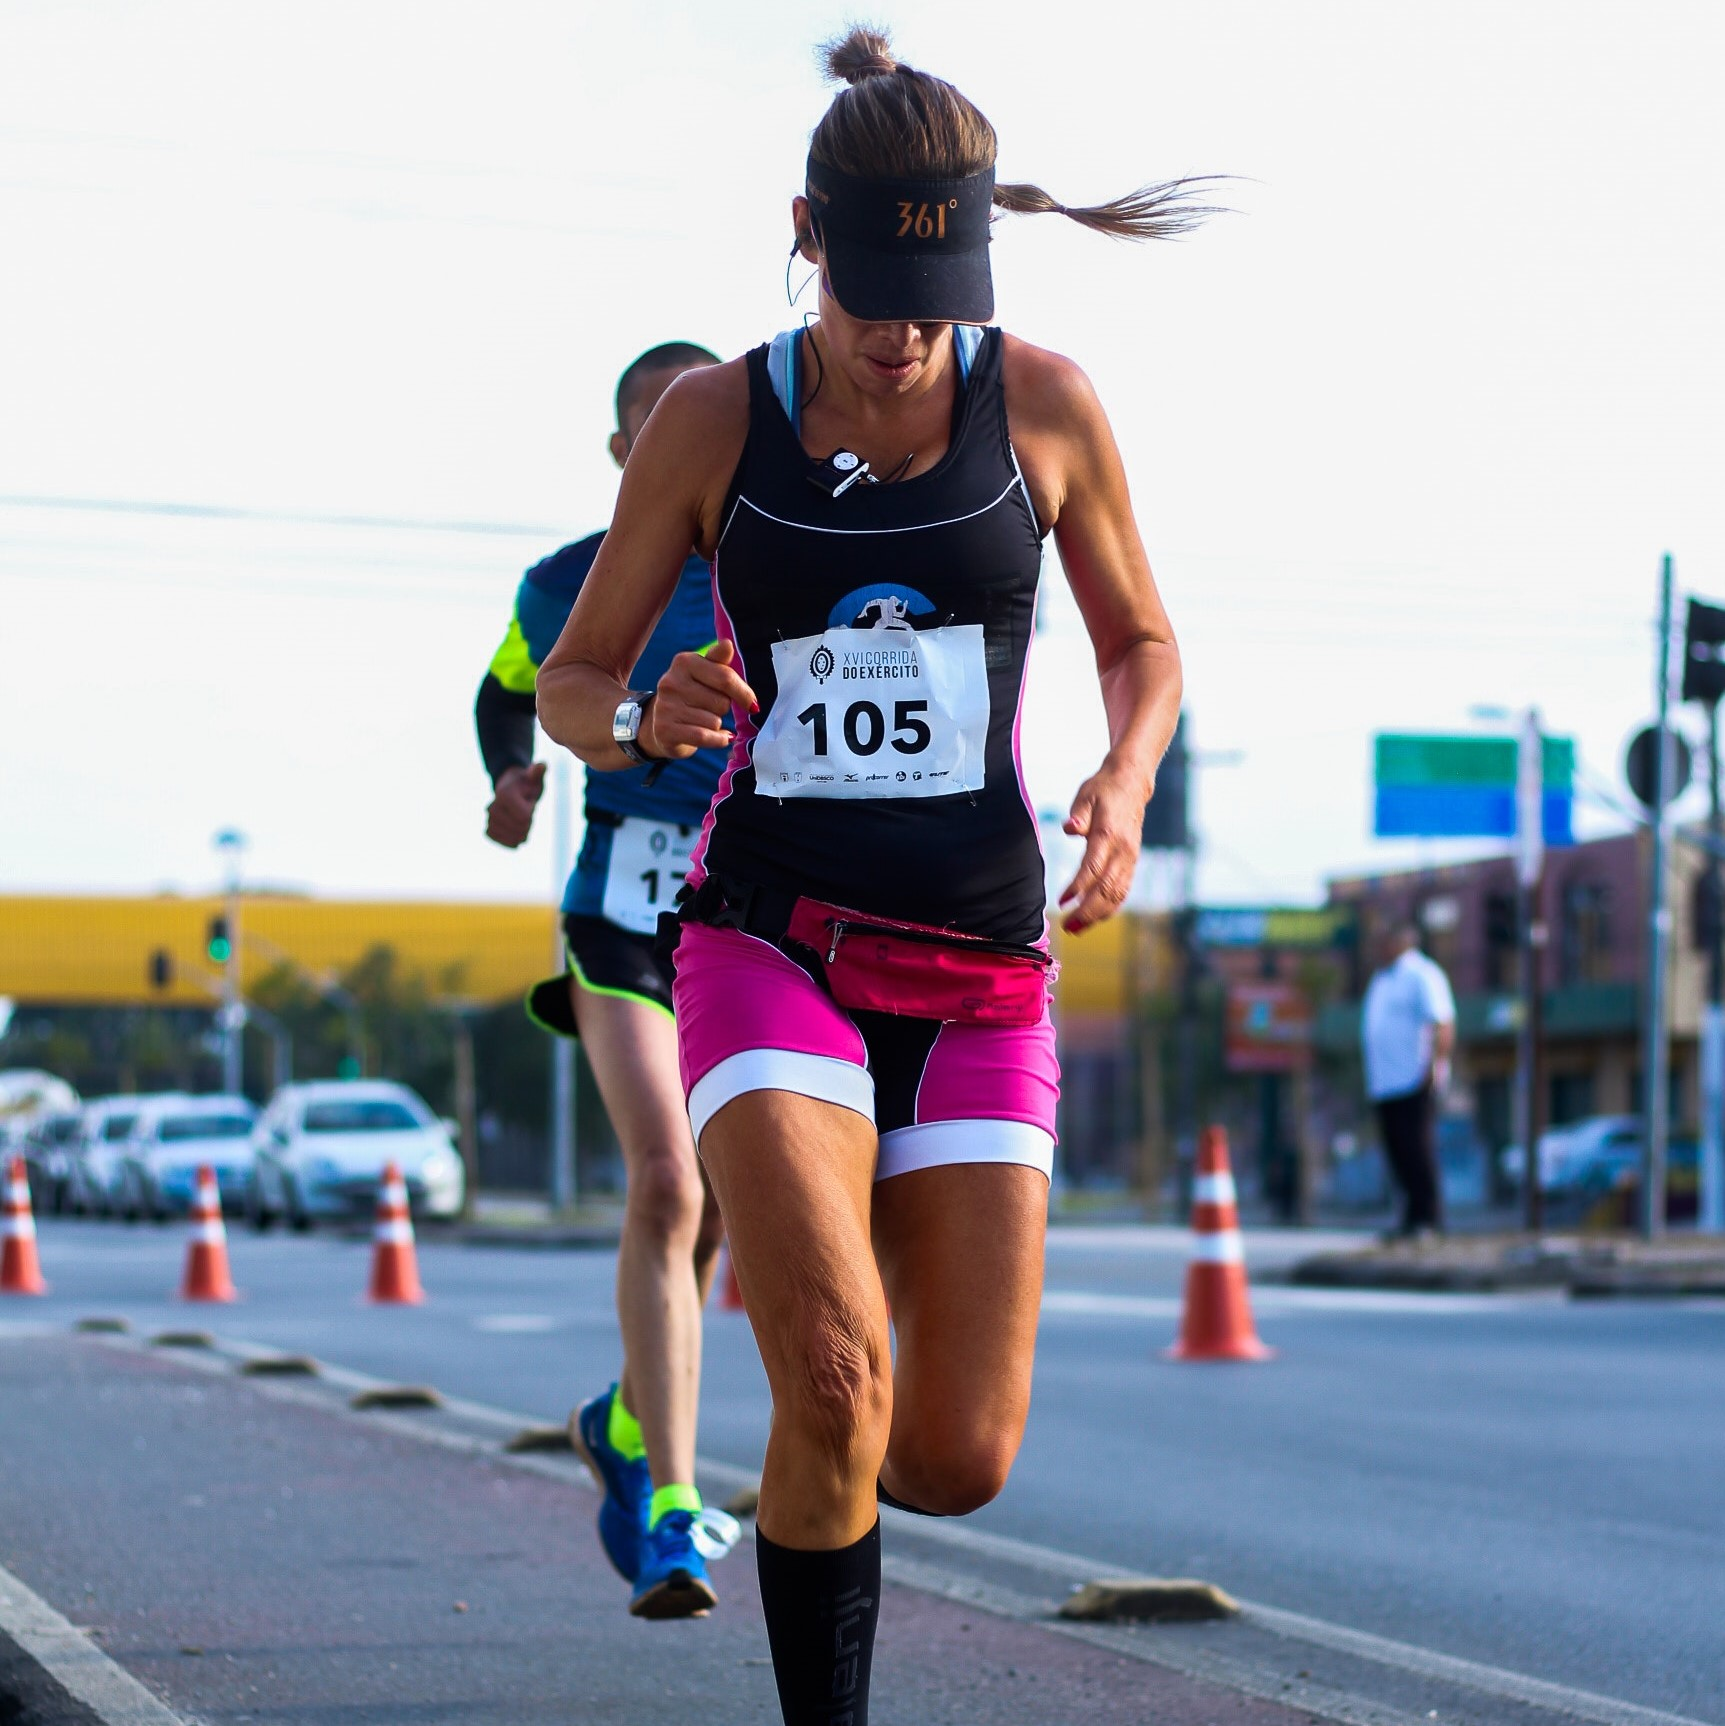 Sportler im Stress – und plötzlich läuft es nicht…